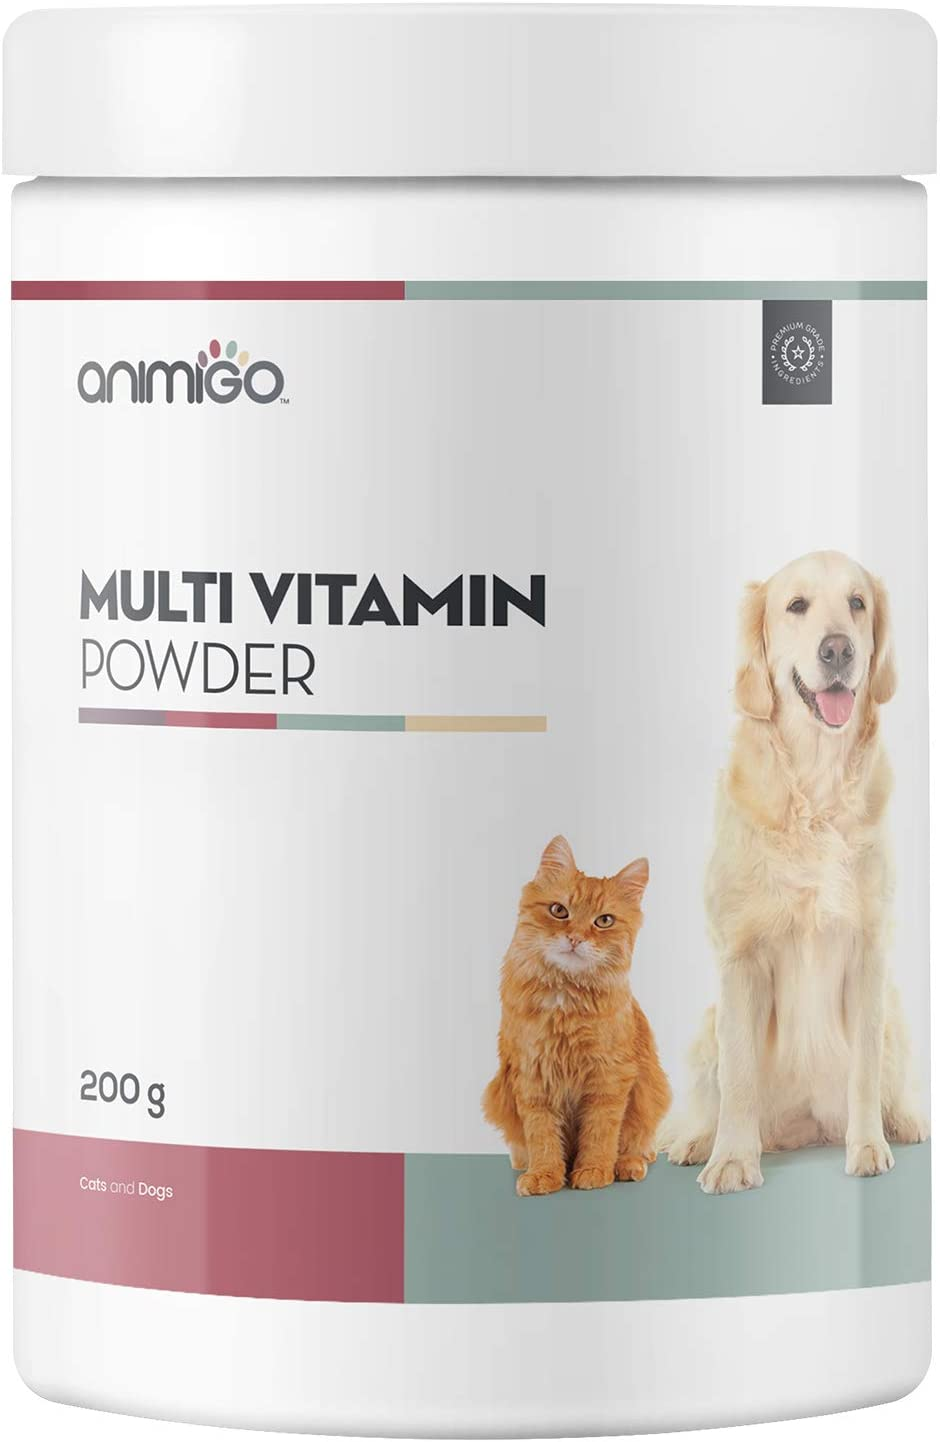 Animigo Vitaminas para Perros y Gatos en Polvo | Multivitaminas y Minerales para la Piel, Pelo y | Vitamina A, B, C, D y K | Complemento Alimenticio con Aminoácidos Esenciales y Taurina | 200gr